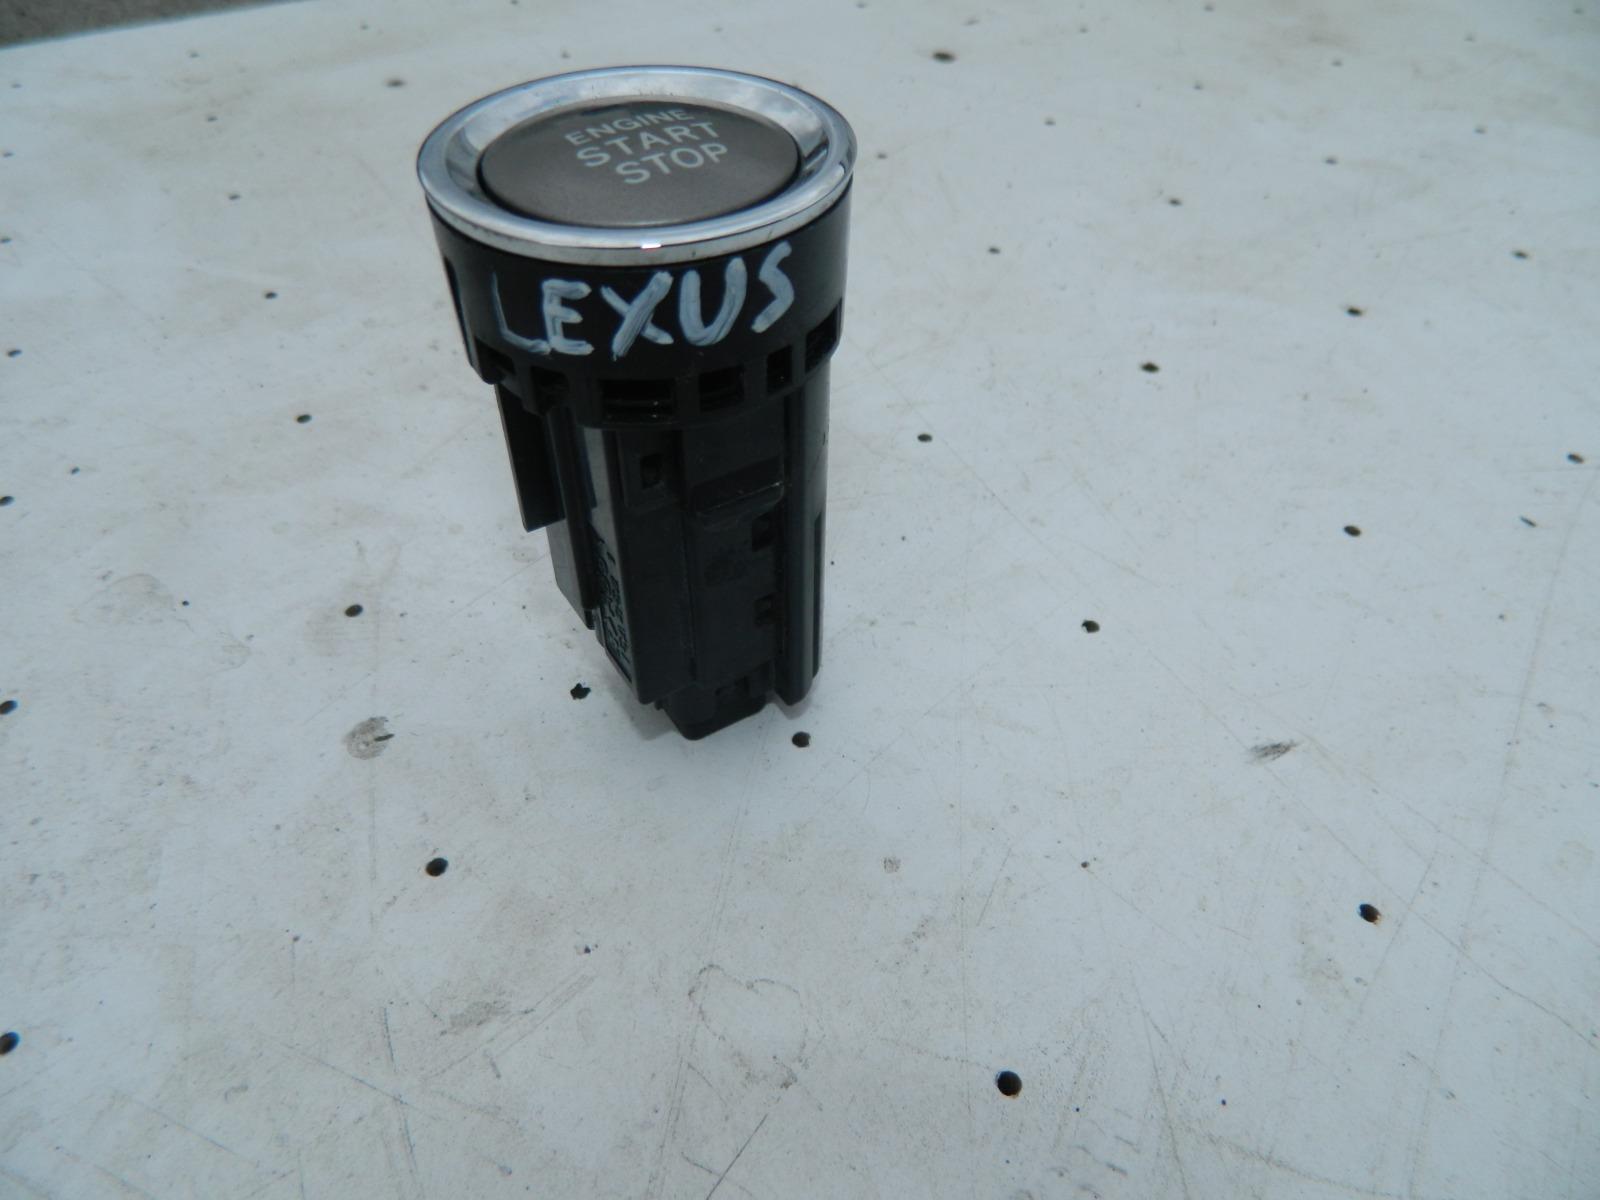 Кнопка старт стоп Lexus Is250 (б/у)